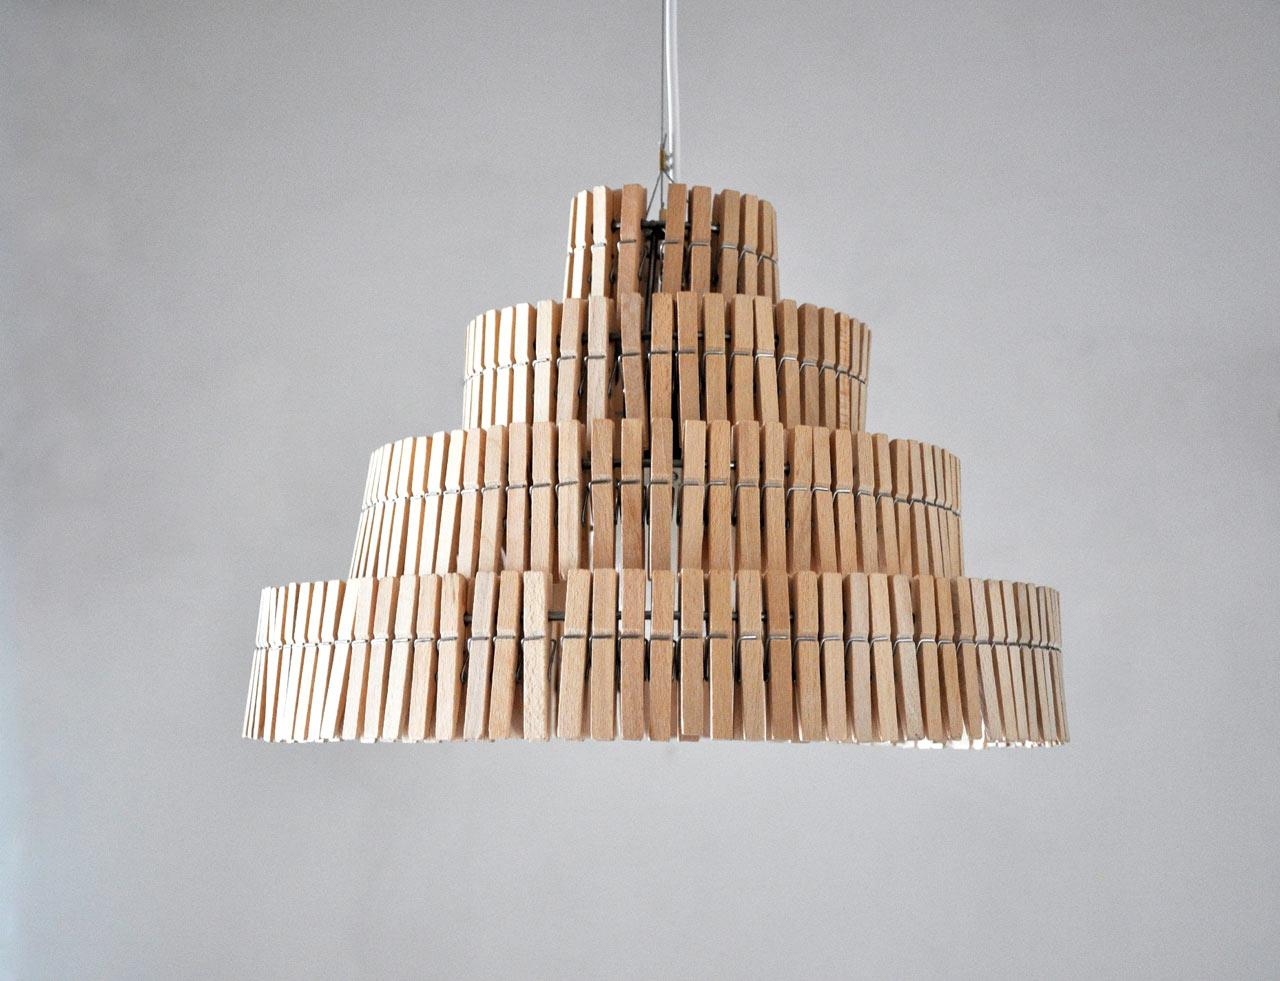 Faire Une Lampe De Chevet Soi Meme créer un luminaire récup - monluminairedesign